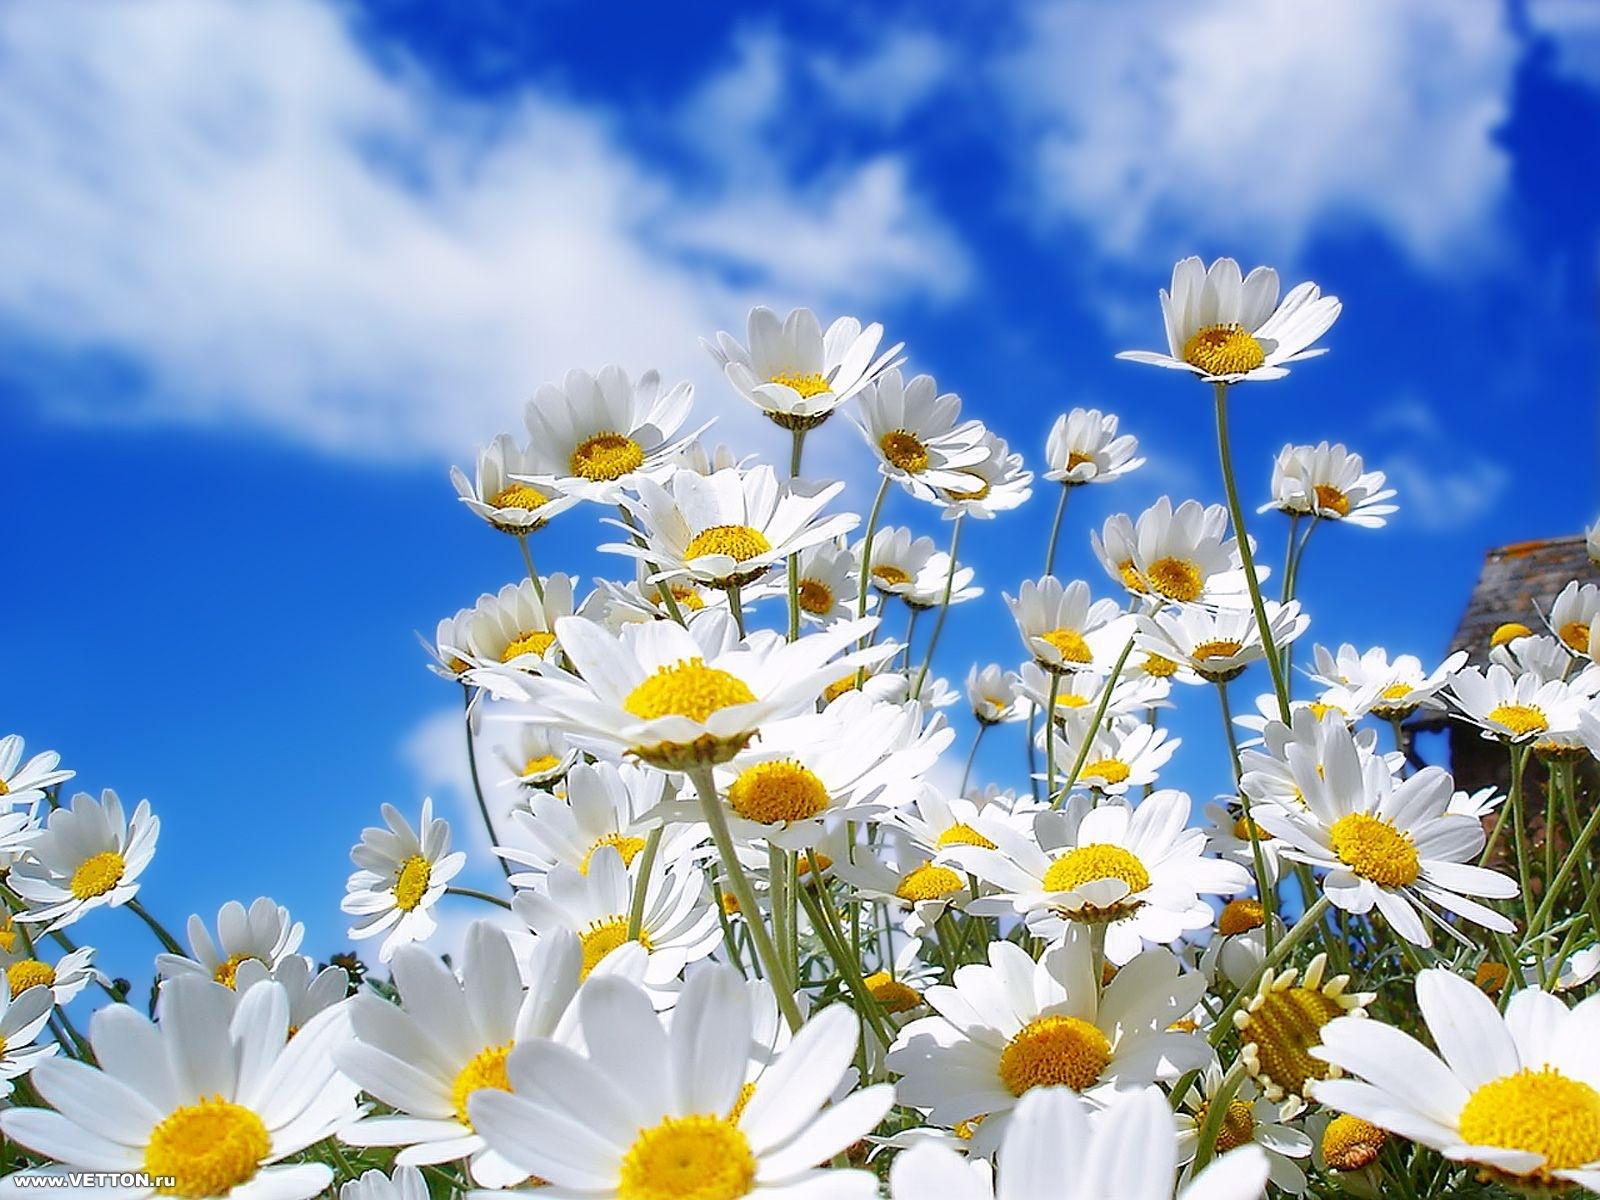 784 Заставки и Обои Ромашки на телефон. Скачать Растения, Цветы, Ромашки картинки бесплатно